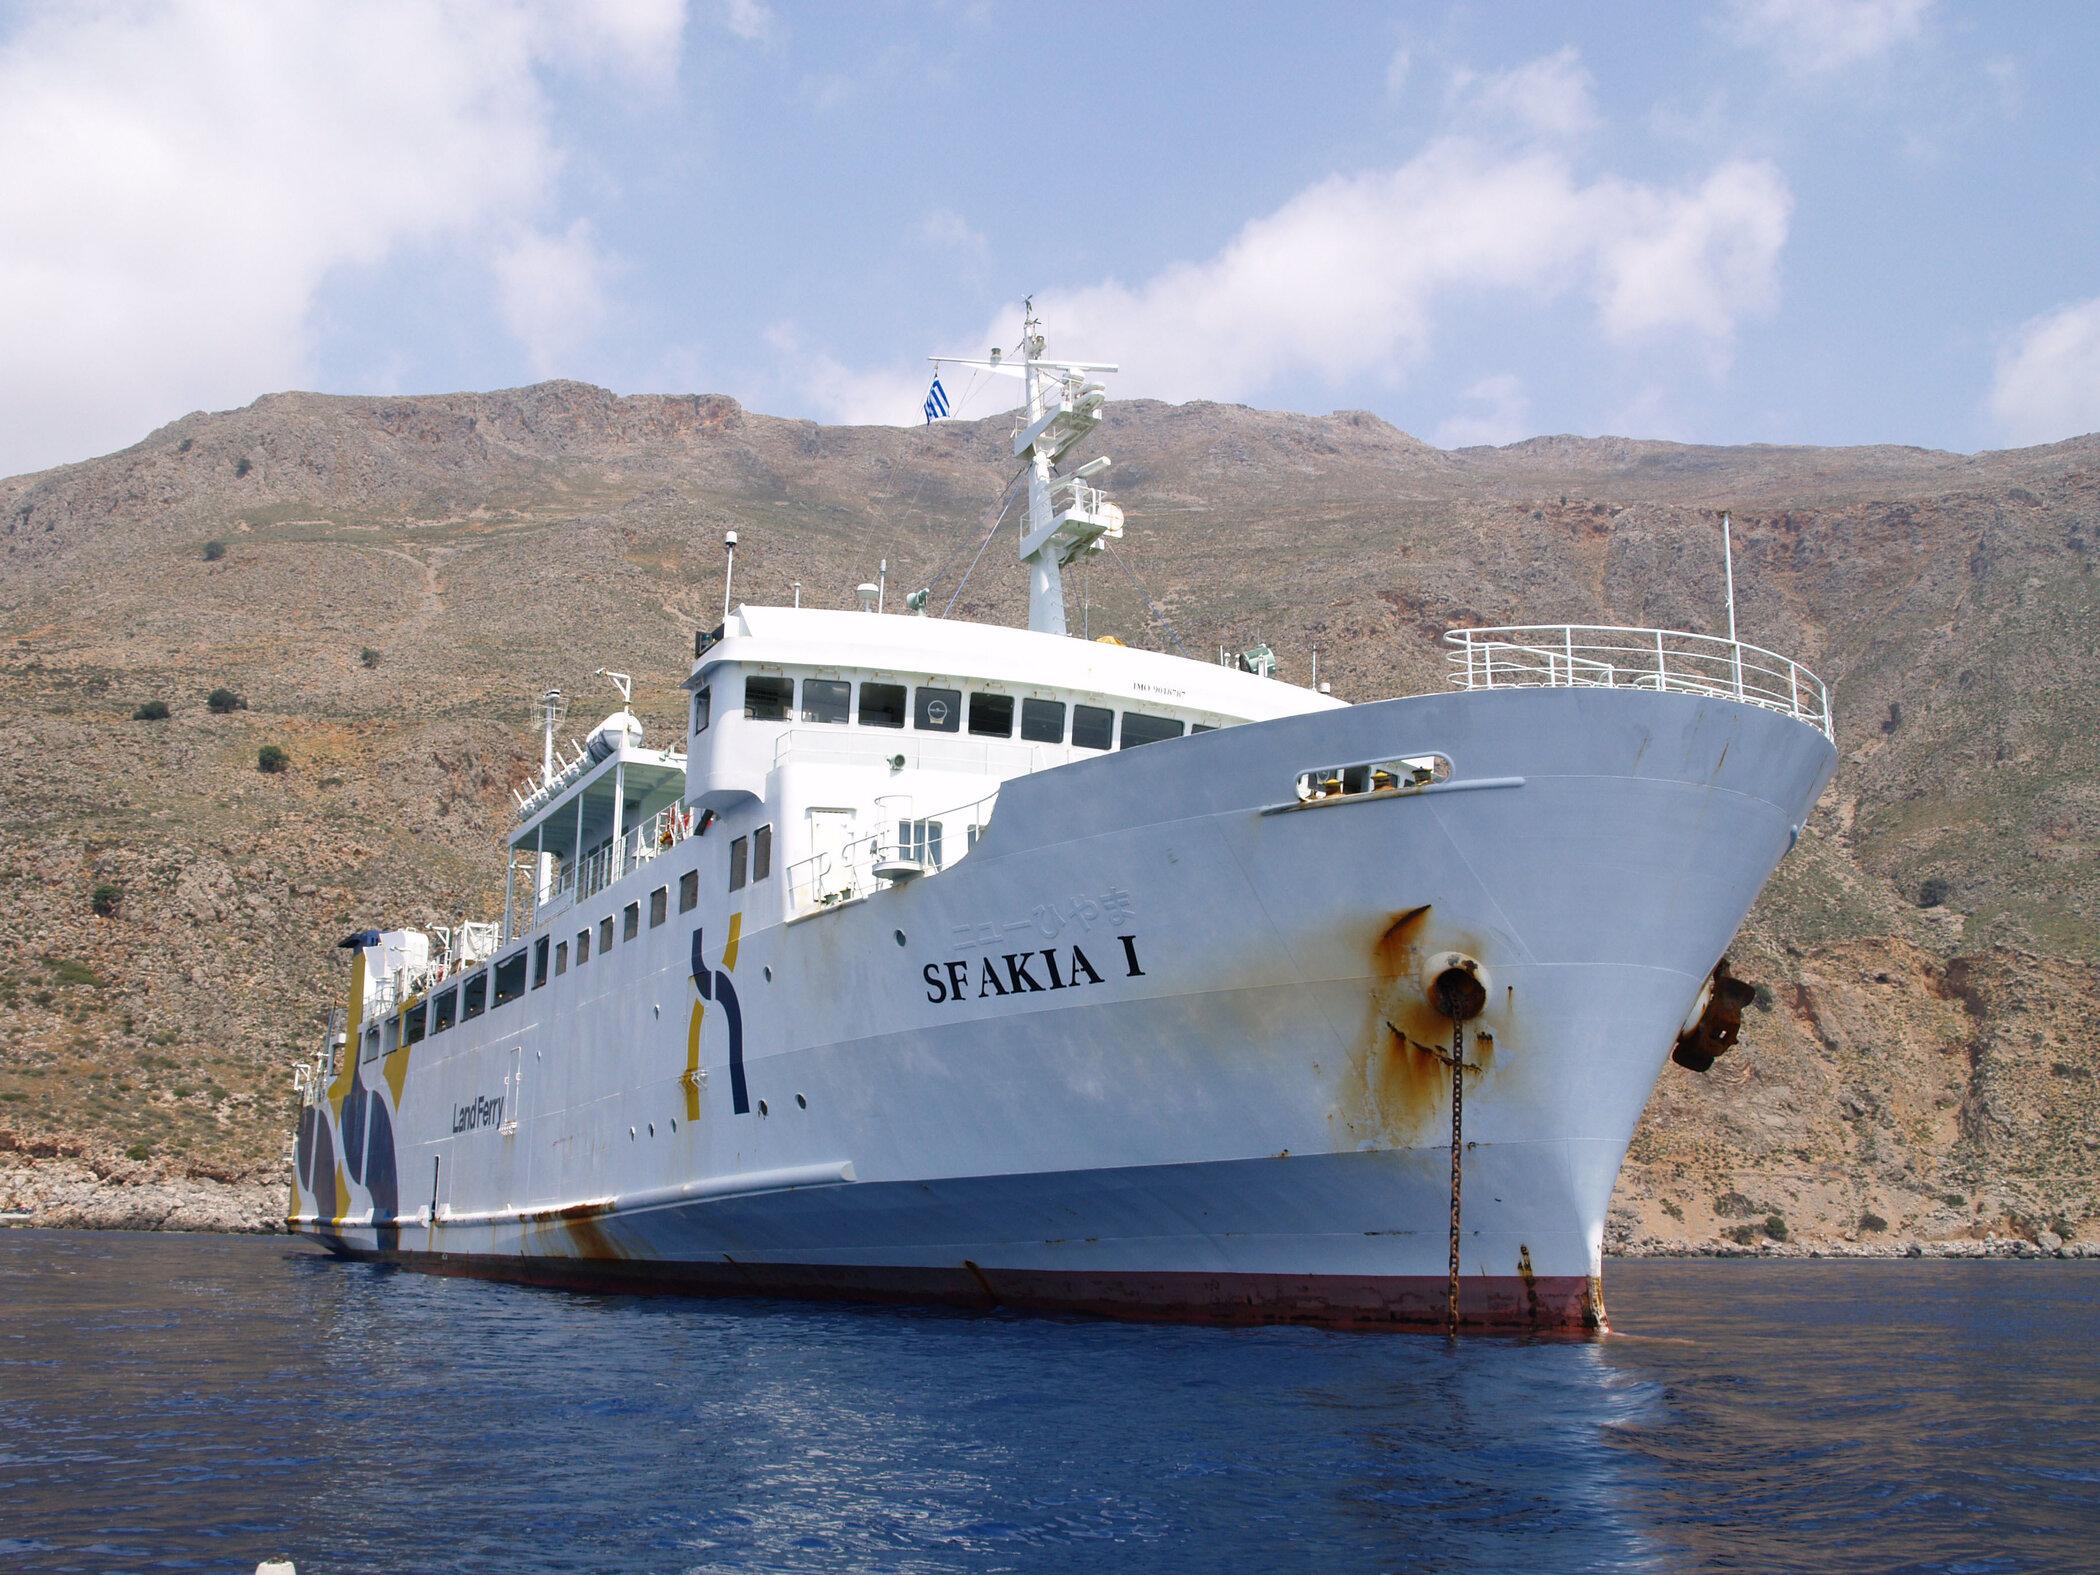 Sfakia I off the coast of Loutro - Maiden Arrival - 27/04/2010